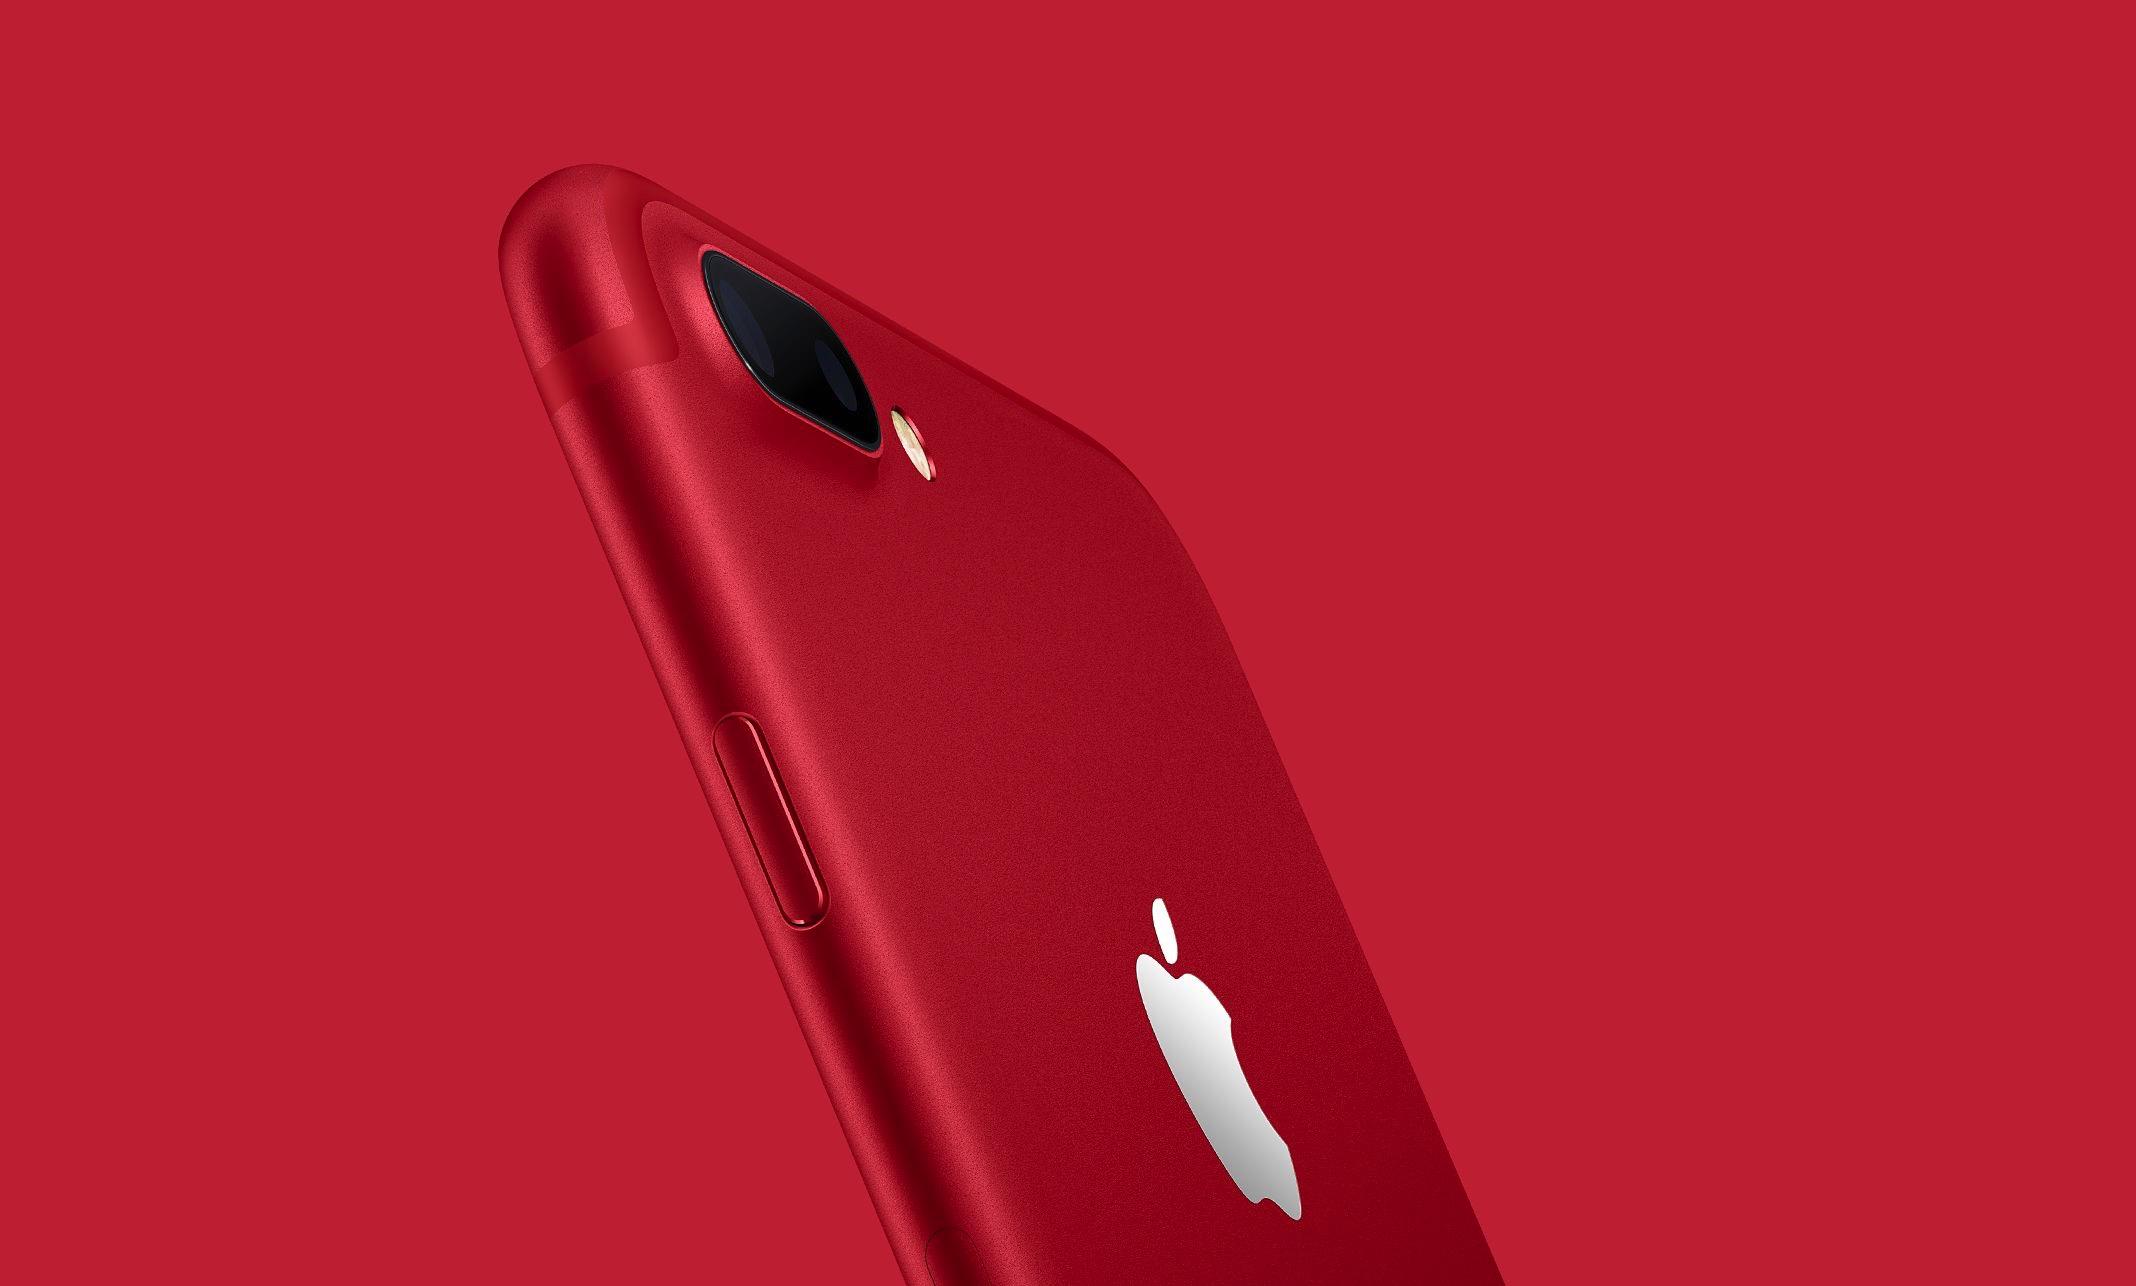 RED7 1 - Prvé dojmy z nového (PRODUCT)RED iPhonu 7 a iPhonu 7 Plus